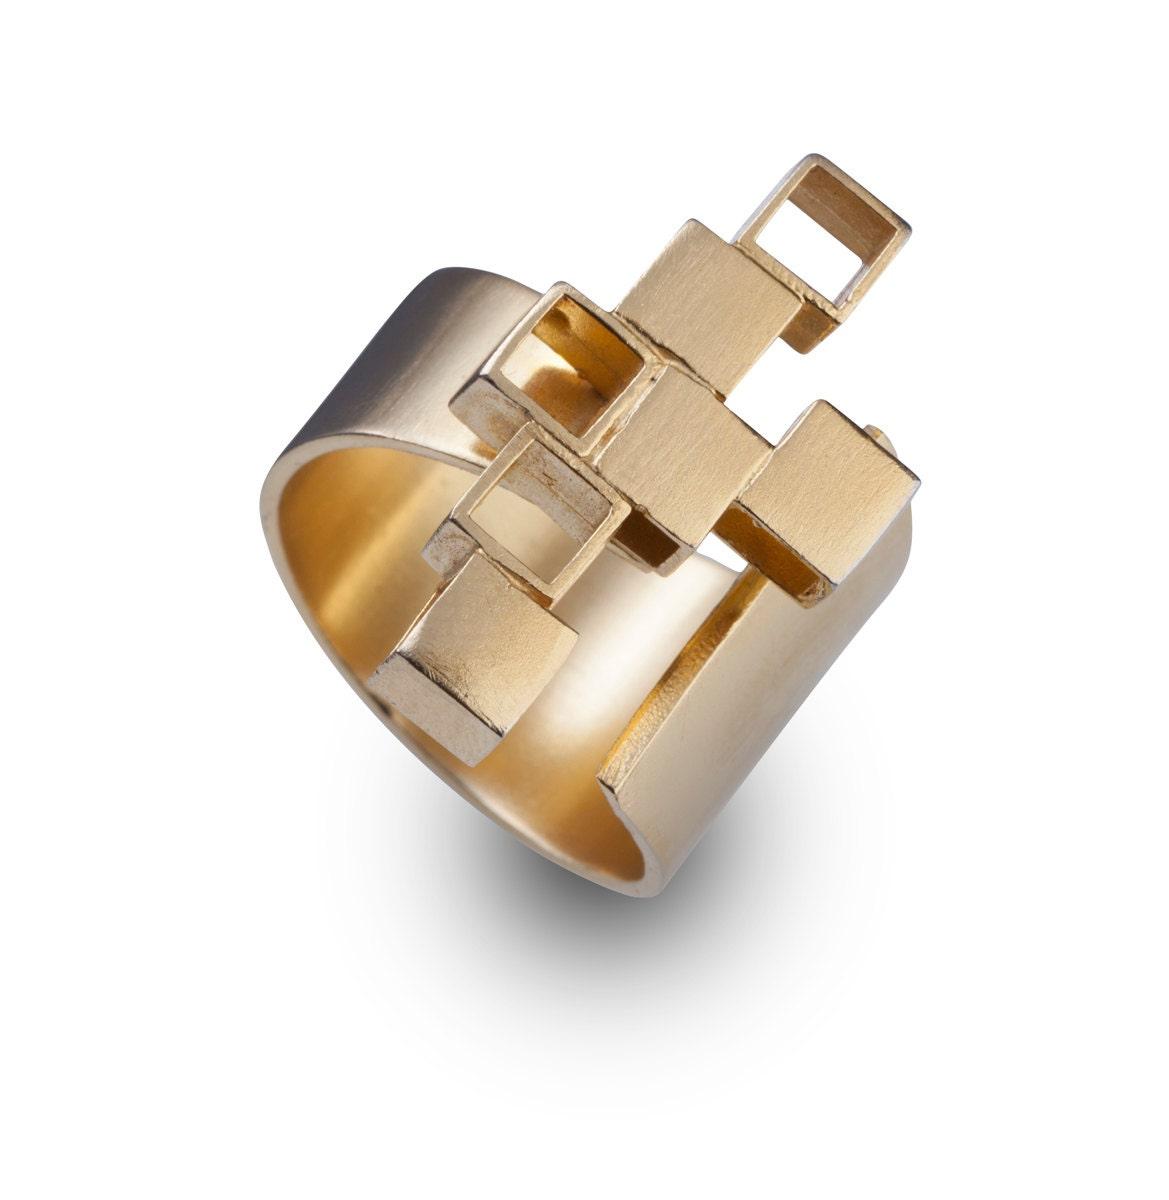 Minimalist Jewelry Minimalist Ring 14k Gold Minimalist